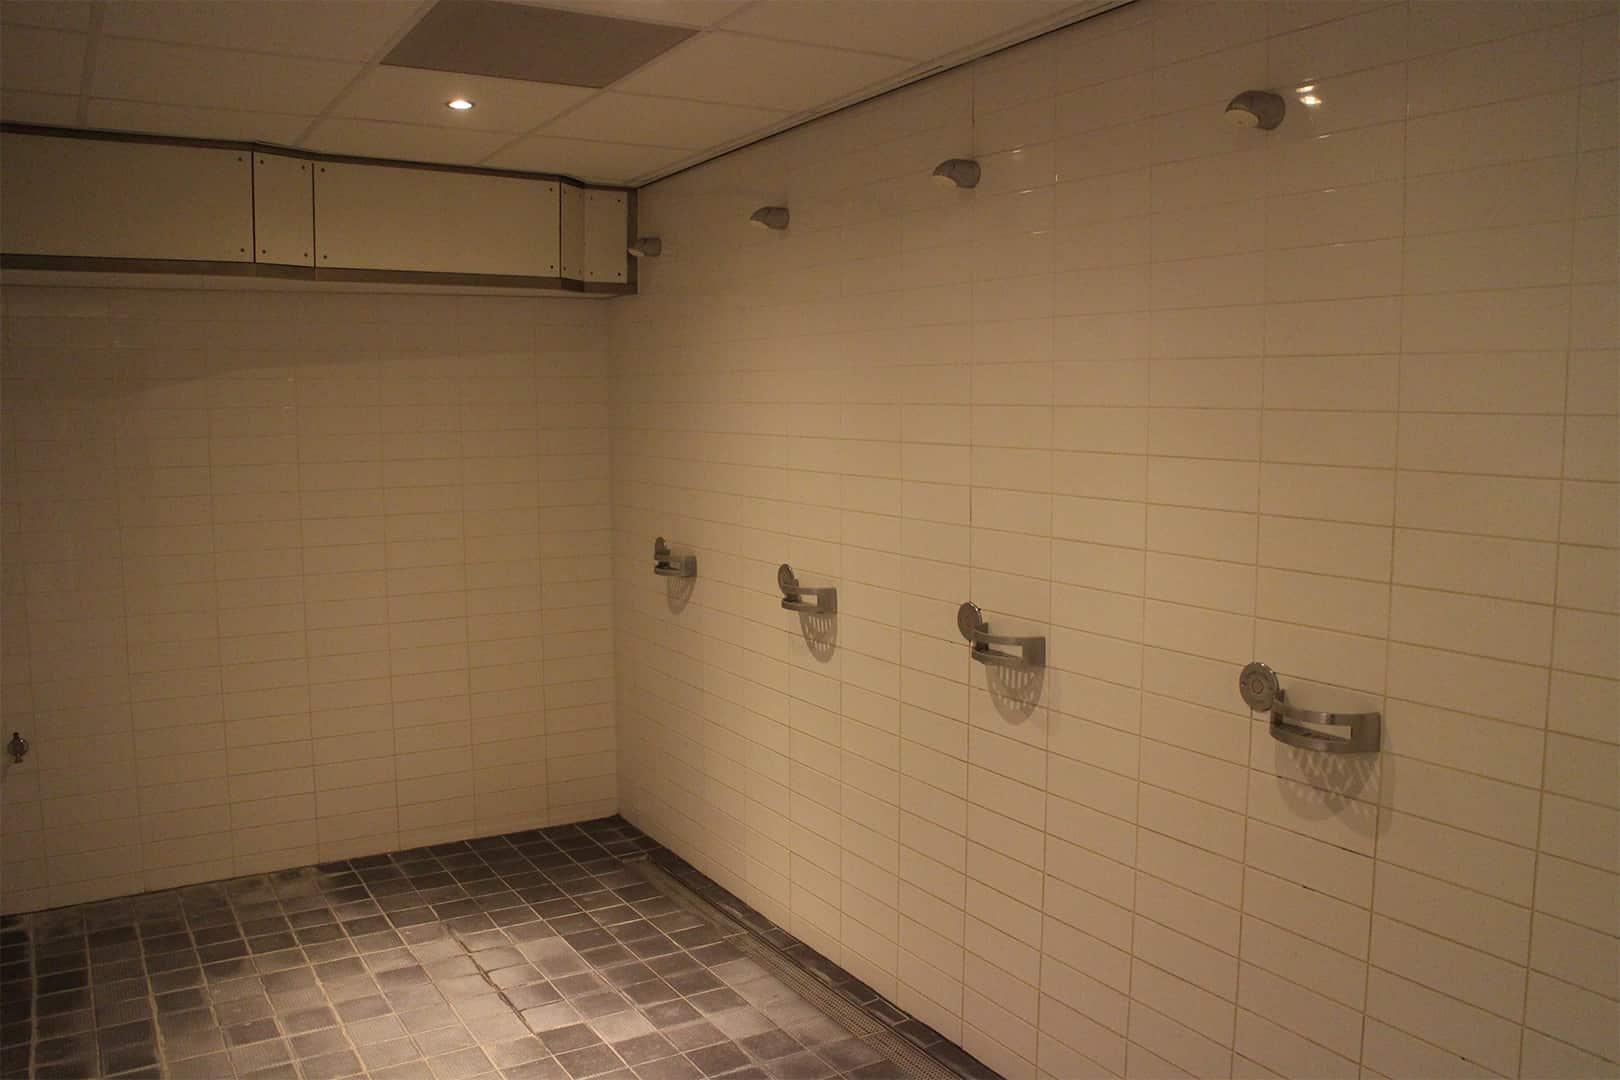 Dameskleedkamer Studiosport Tubbergen 134